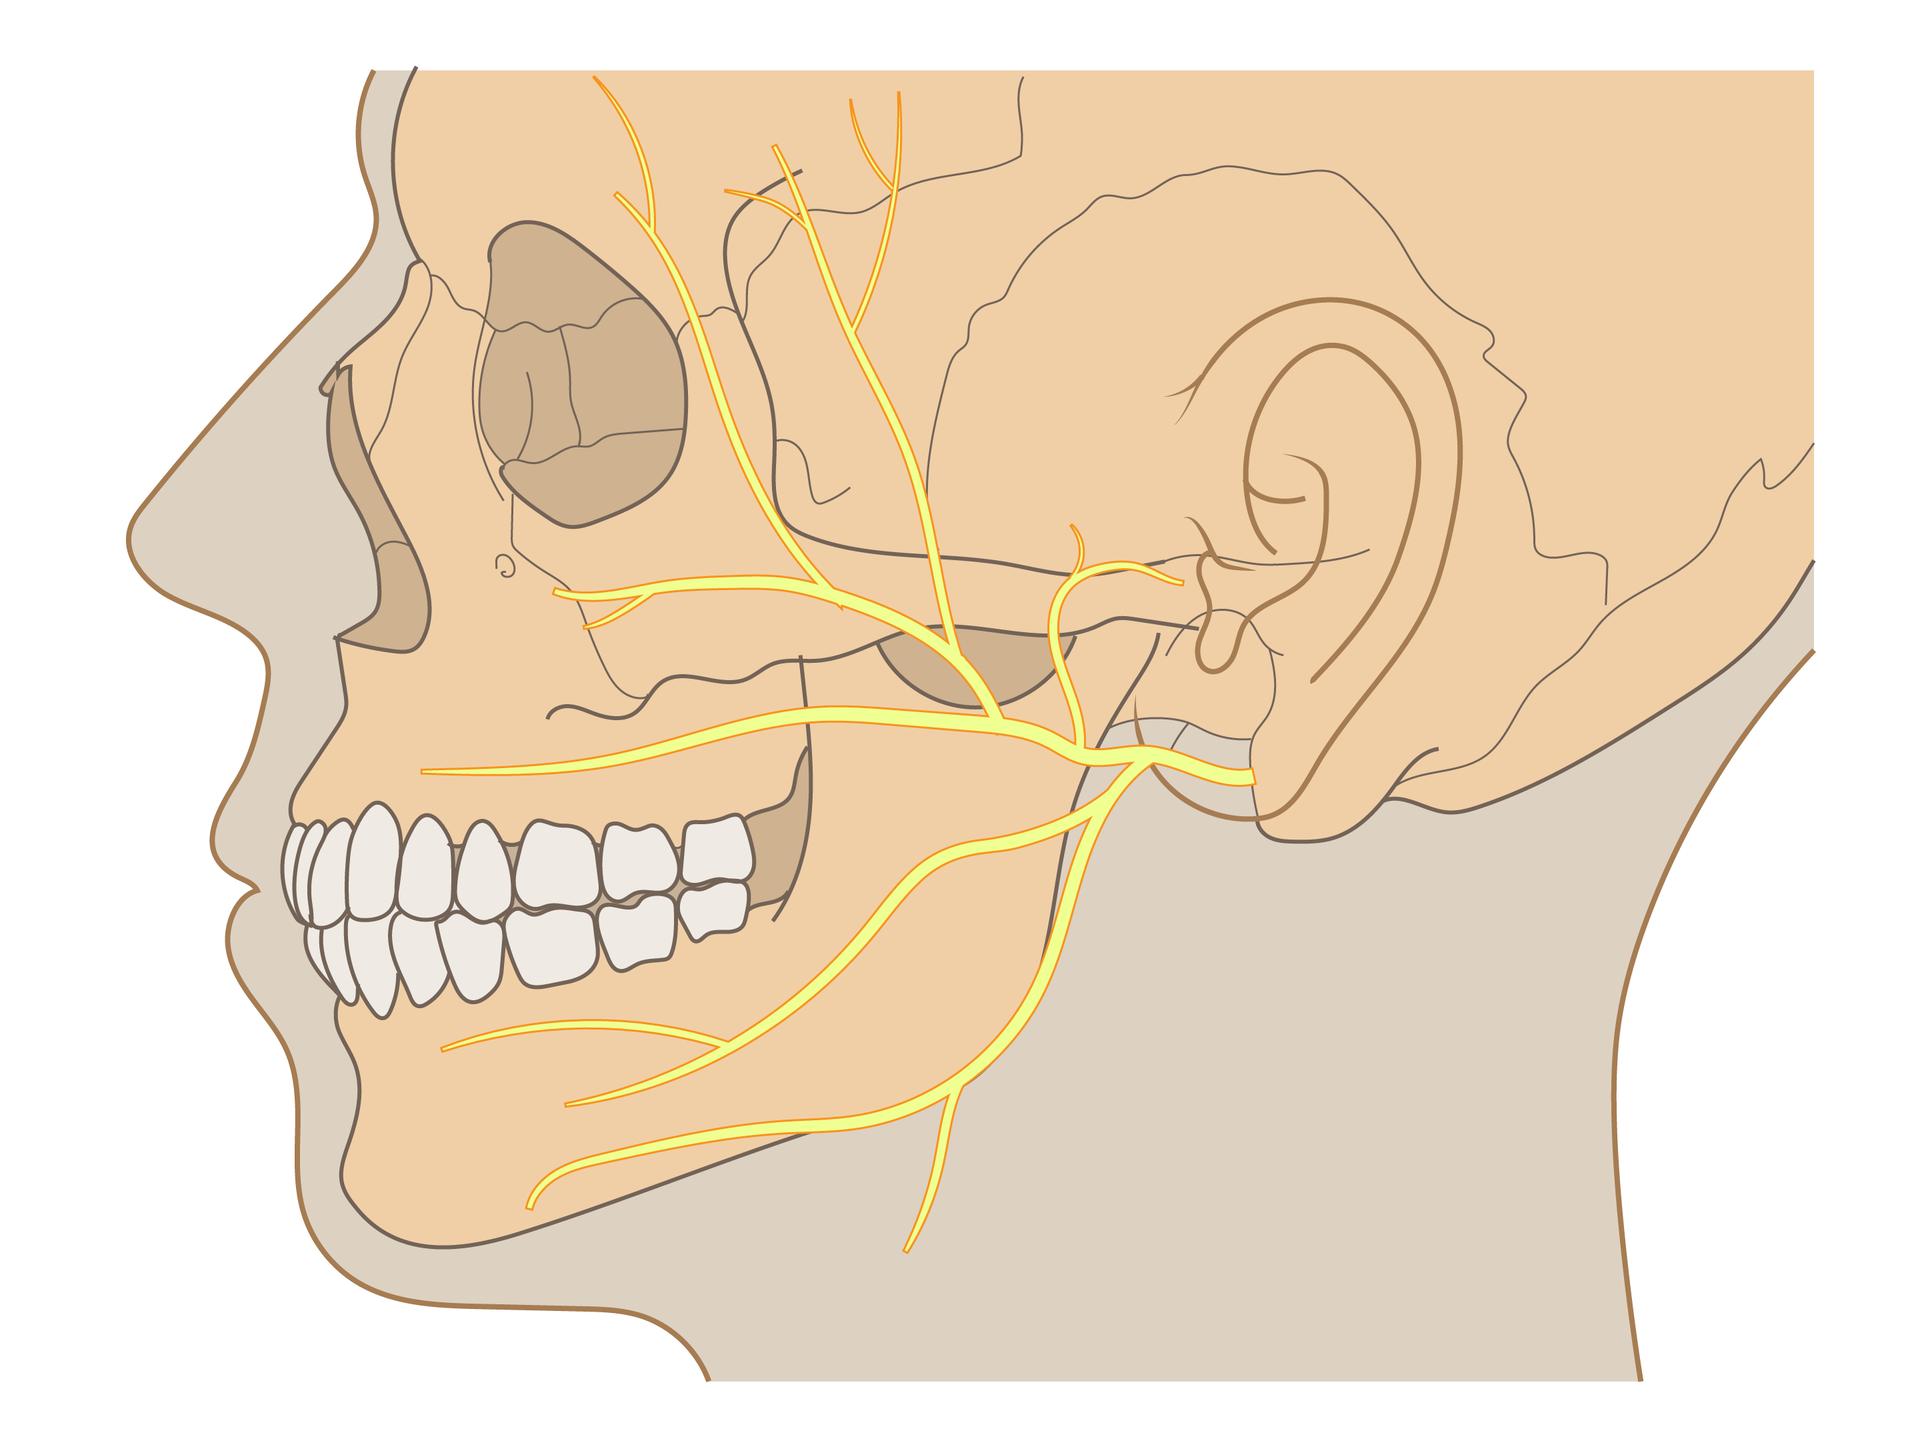 Ilustracja przedstawia sylwetkę głowy człowieka, profil wlewo. Wewnątrz beżowa czaszka. Brązową linią narysowane ucho. Żółte rozgałęzione linie oznaczają nerw twarzowy, który przekazuje informacje zmózgu do mięśni twarzy, do ucha iślinianek.